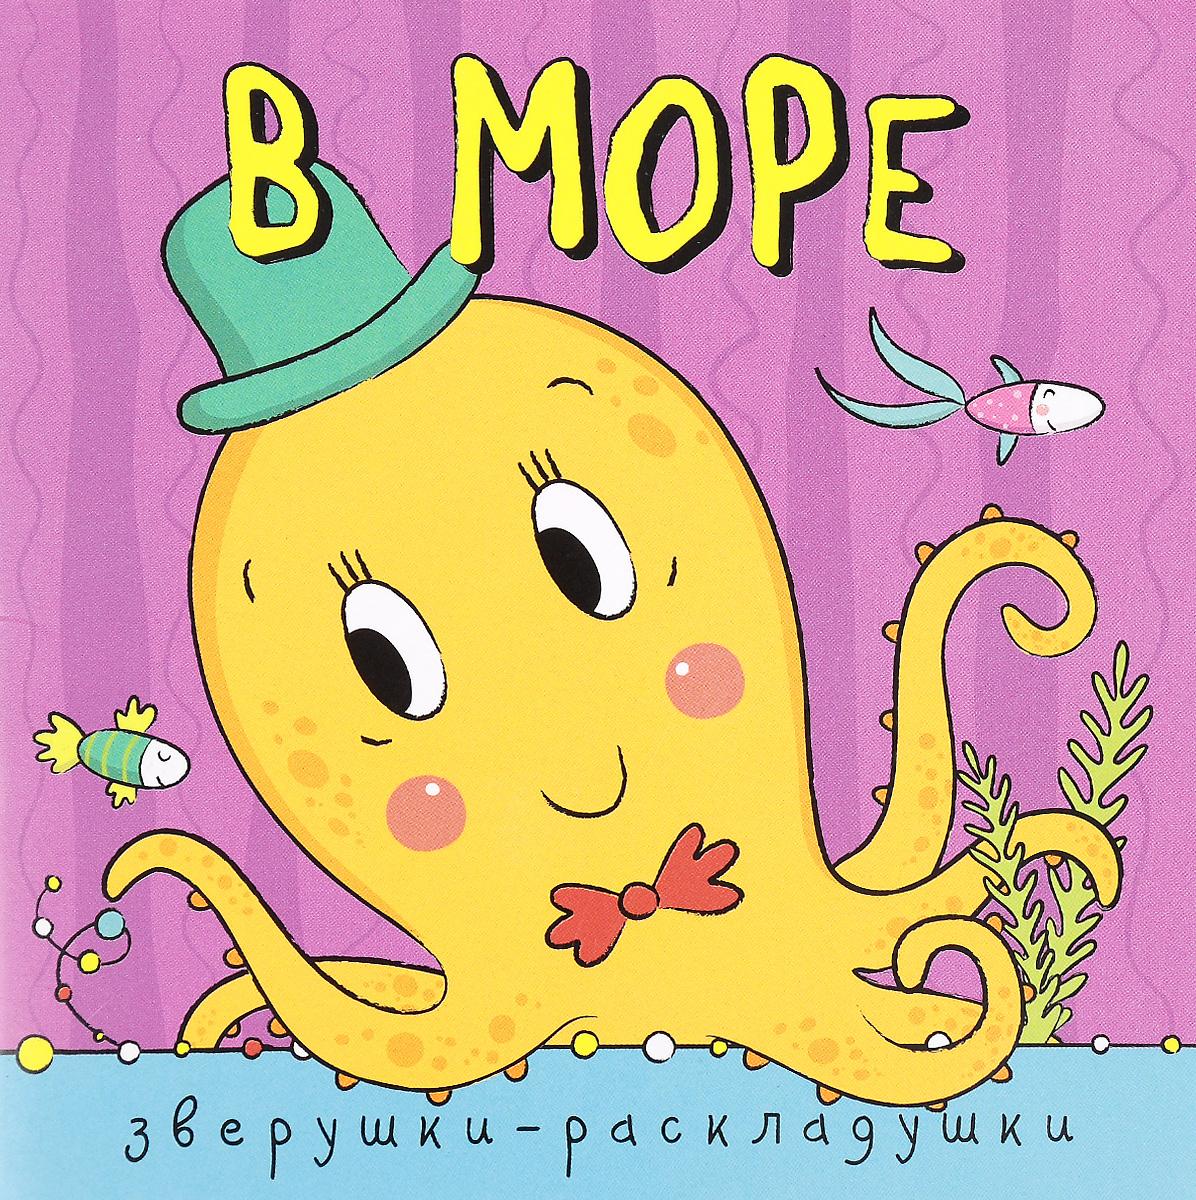 Ольга Мозалева Зверушки-раскладушки. В море